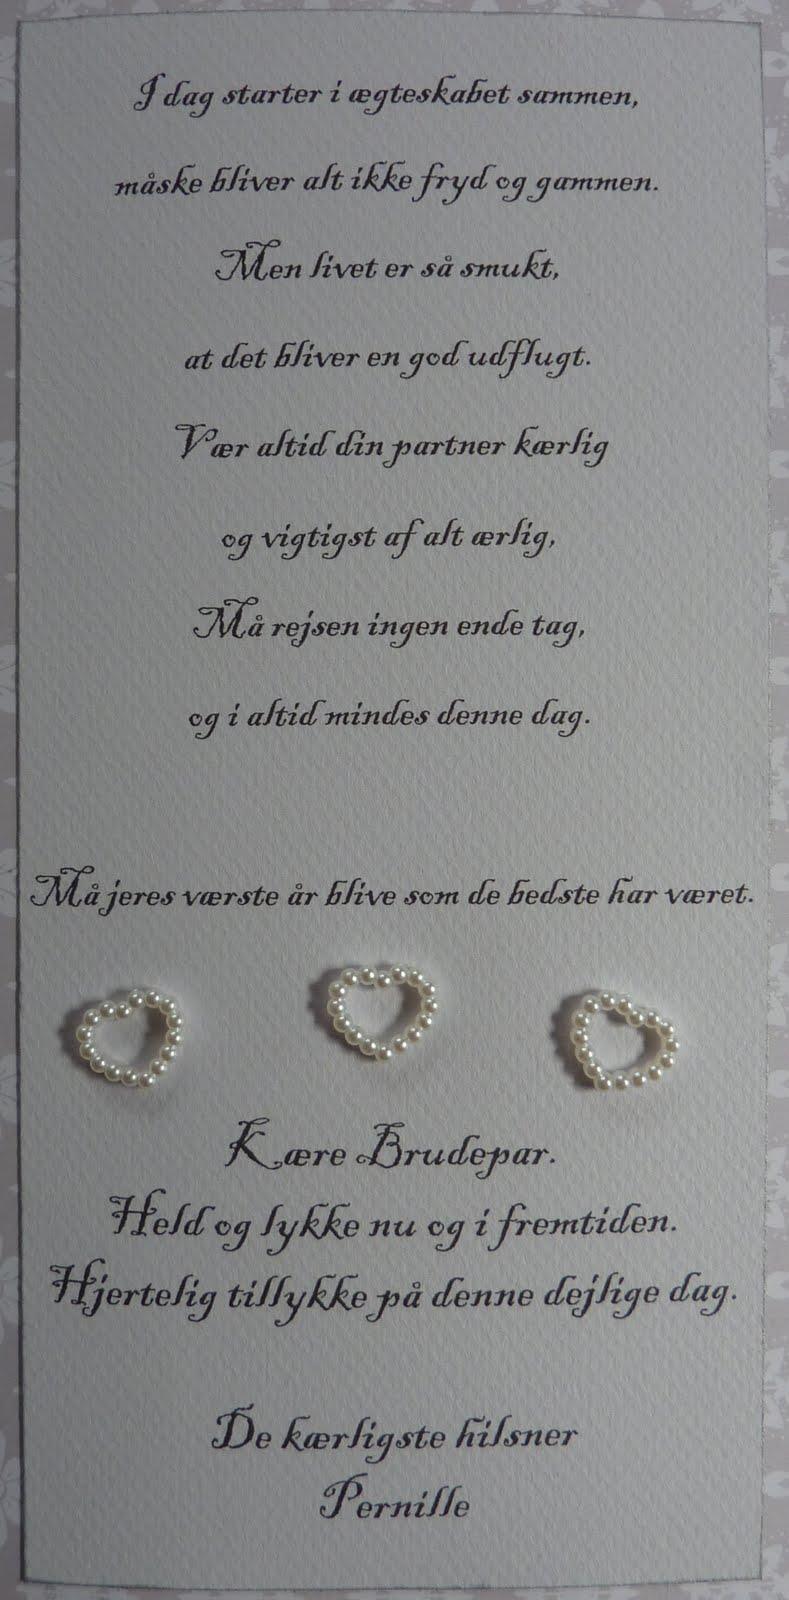 f560975112a Bryllupsdag digt